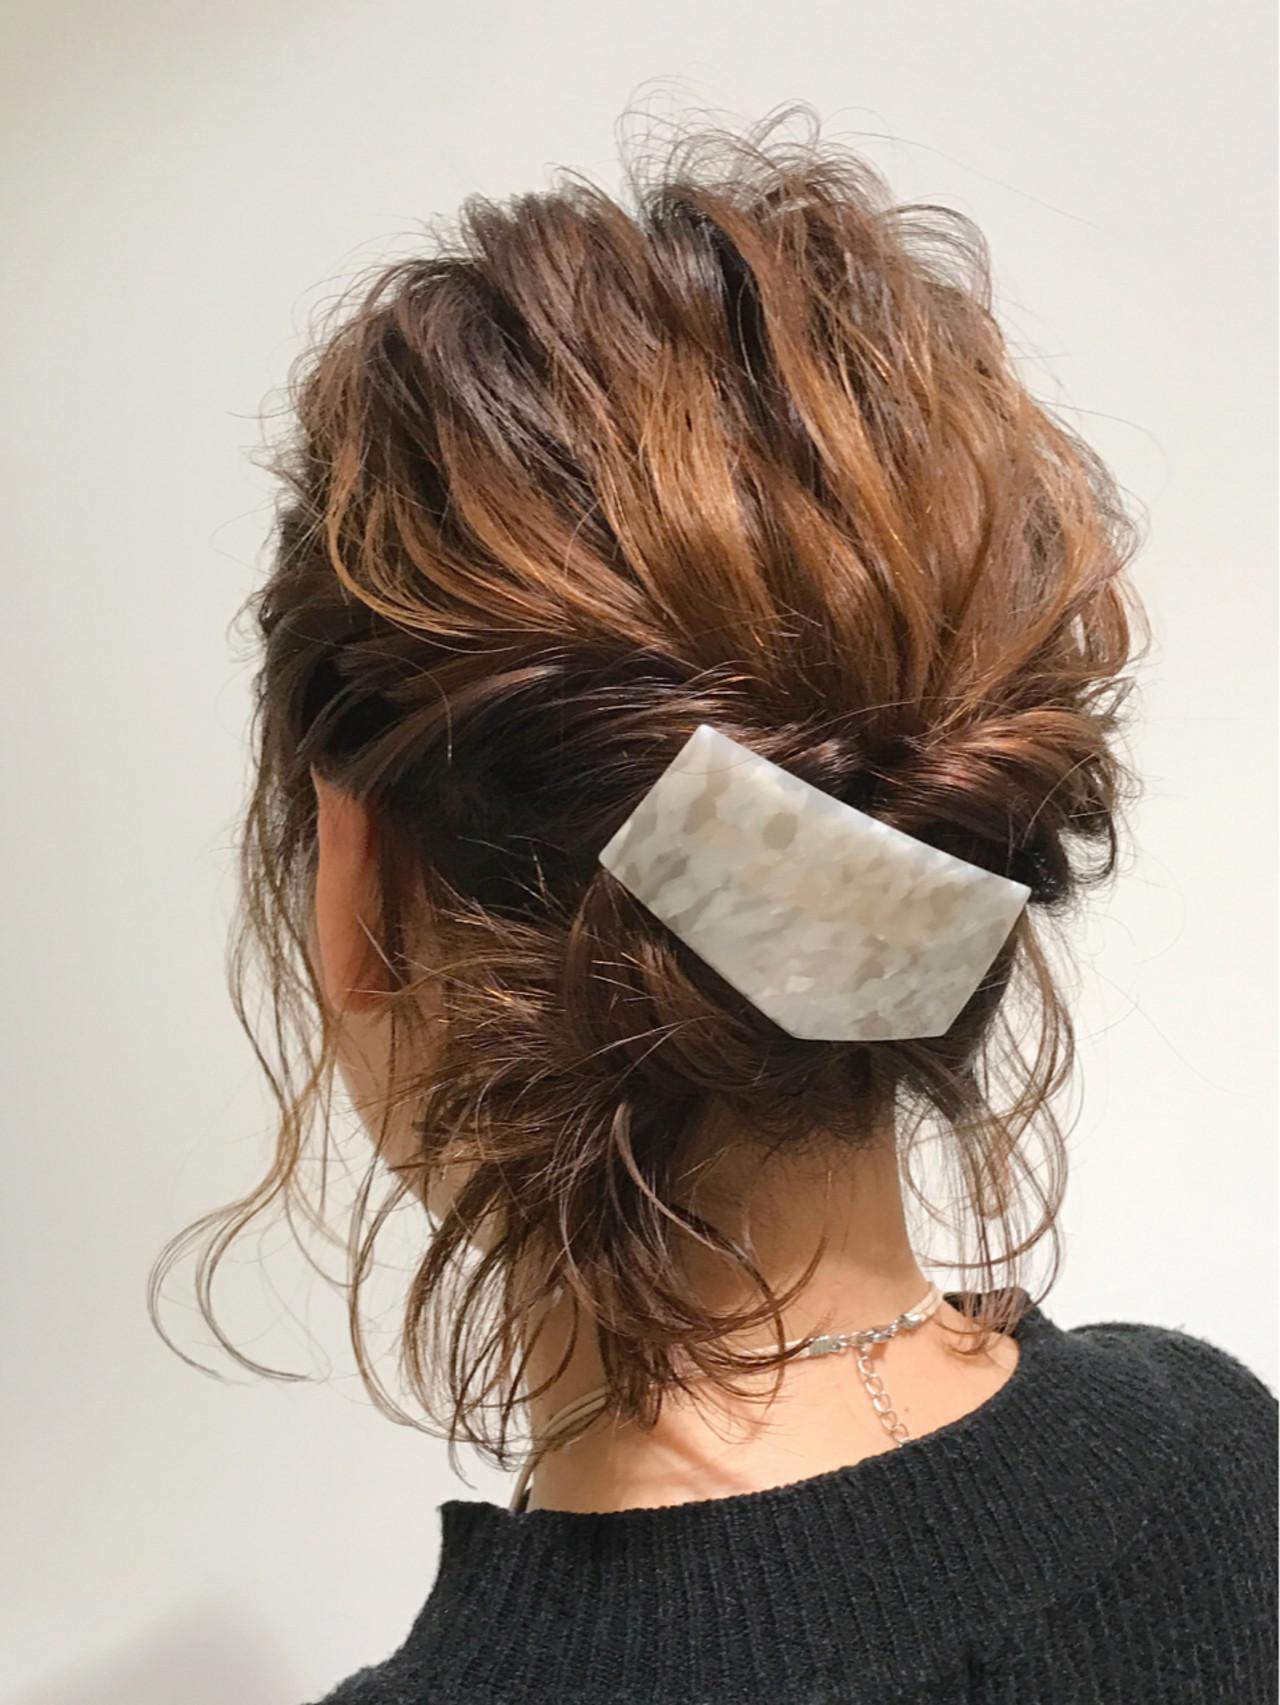 簡単、華やか、大人っぽい!時短もおしゃれも叶うヘアアレンジ特集 徳井 瞬  Of hair 宮崎台店